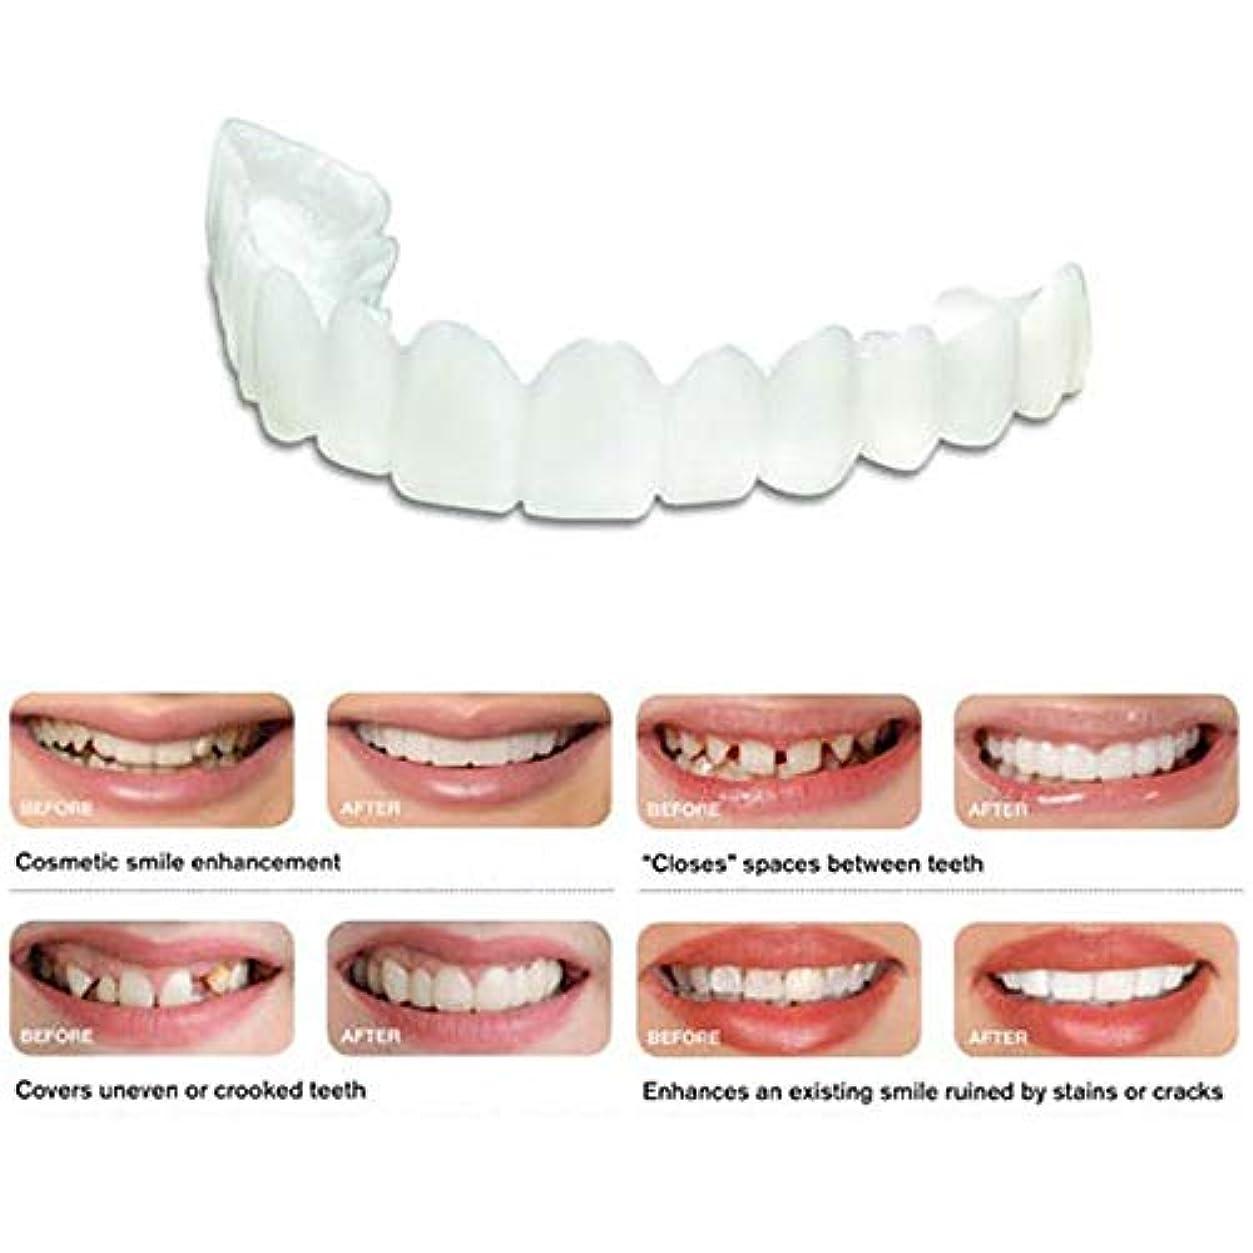 手術毛布規範10個パーフェクトスマイルコンフォートフィット新しいスナップオンフレックスフィット最も快適な偽歯アッパーフェイクトゥースカバー